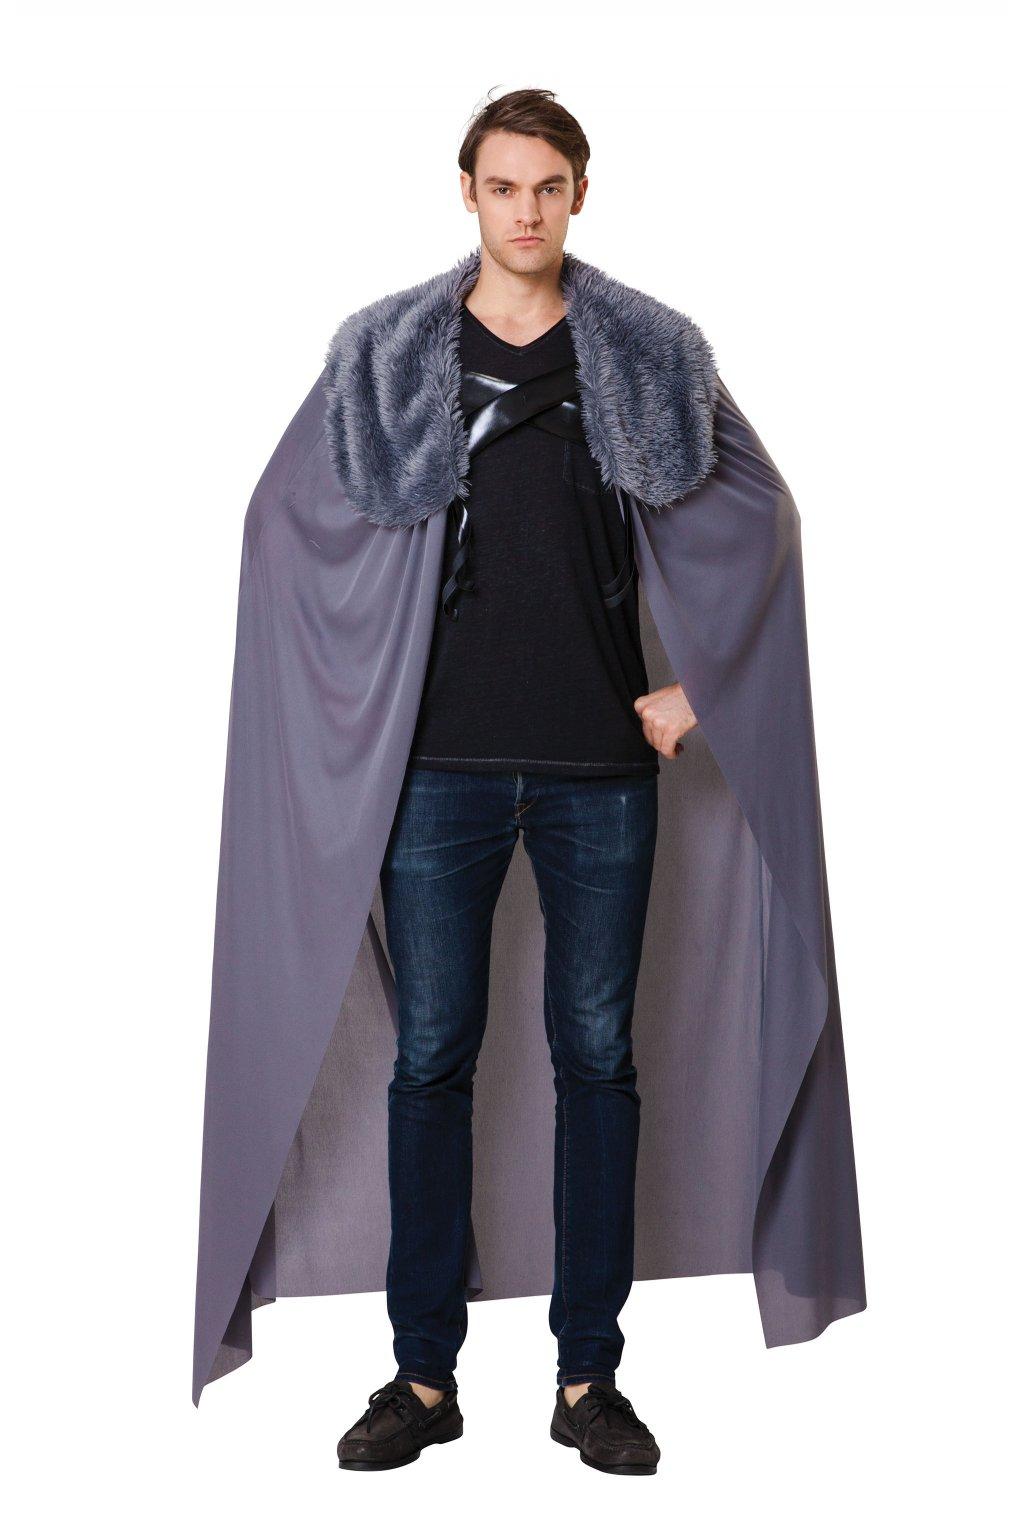 Šedý plášt s kožešinovým límcem - hra o trůny